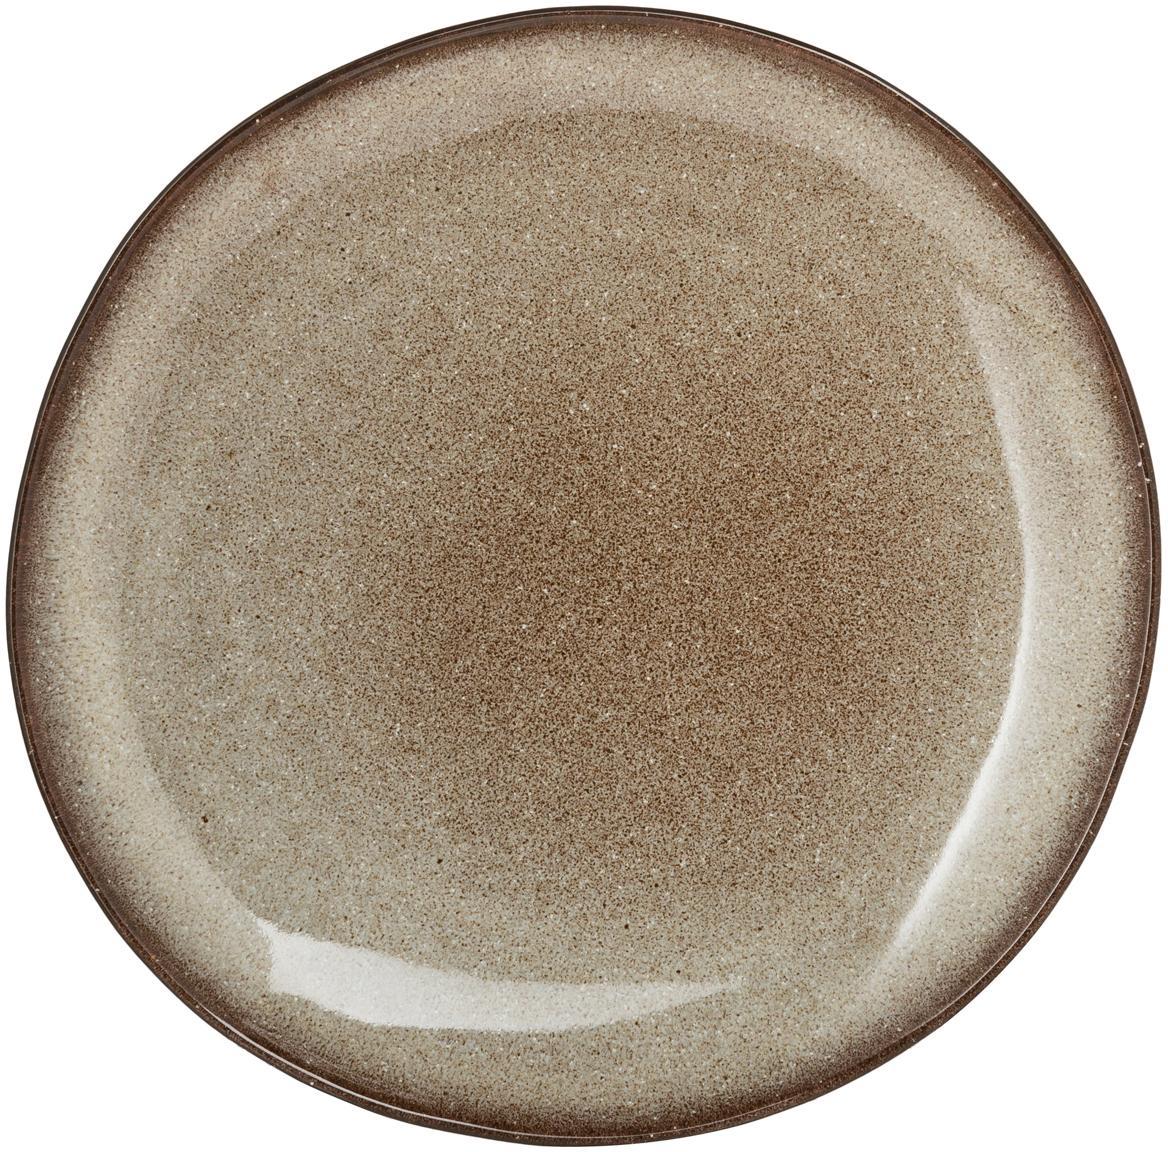 Plato artesanal Sandrine, Gres, Tonos beige, Ø 29 x Al 3 cm